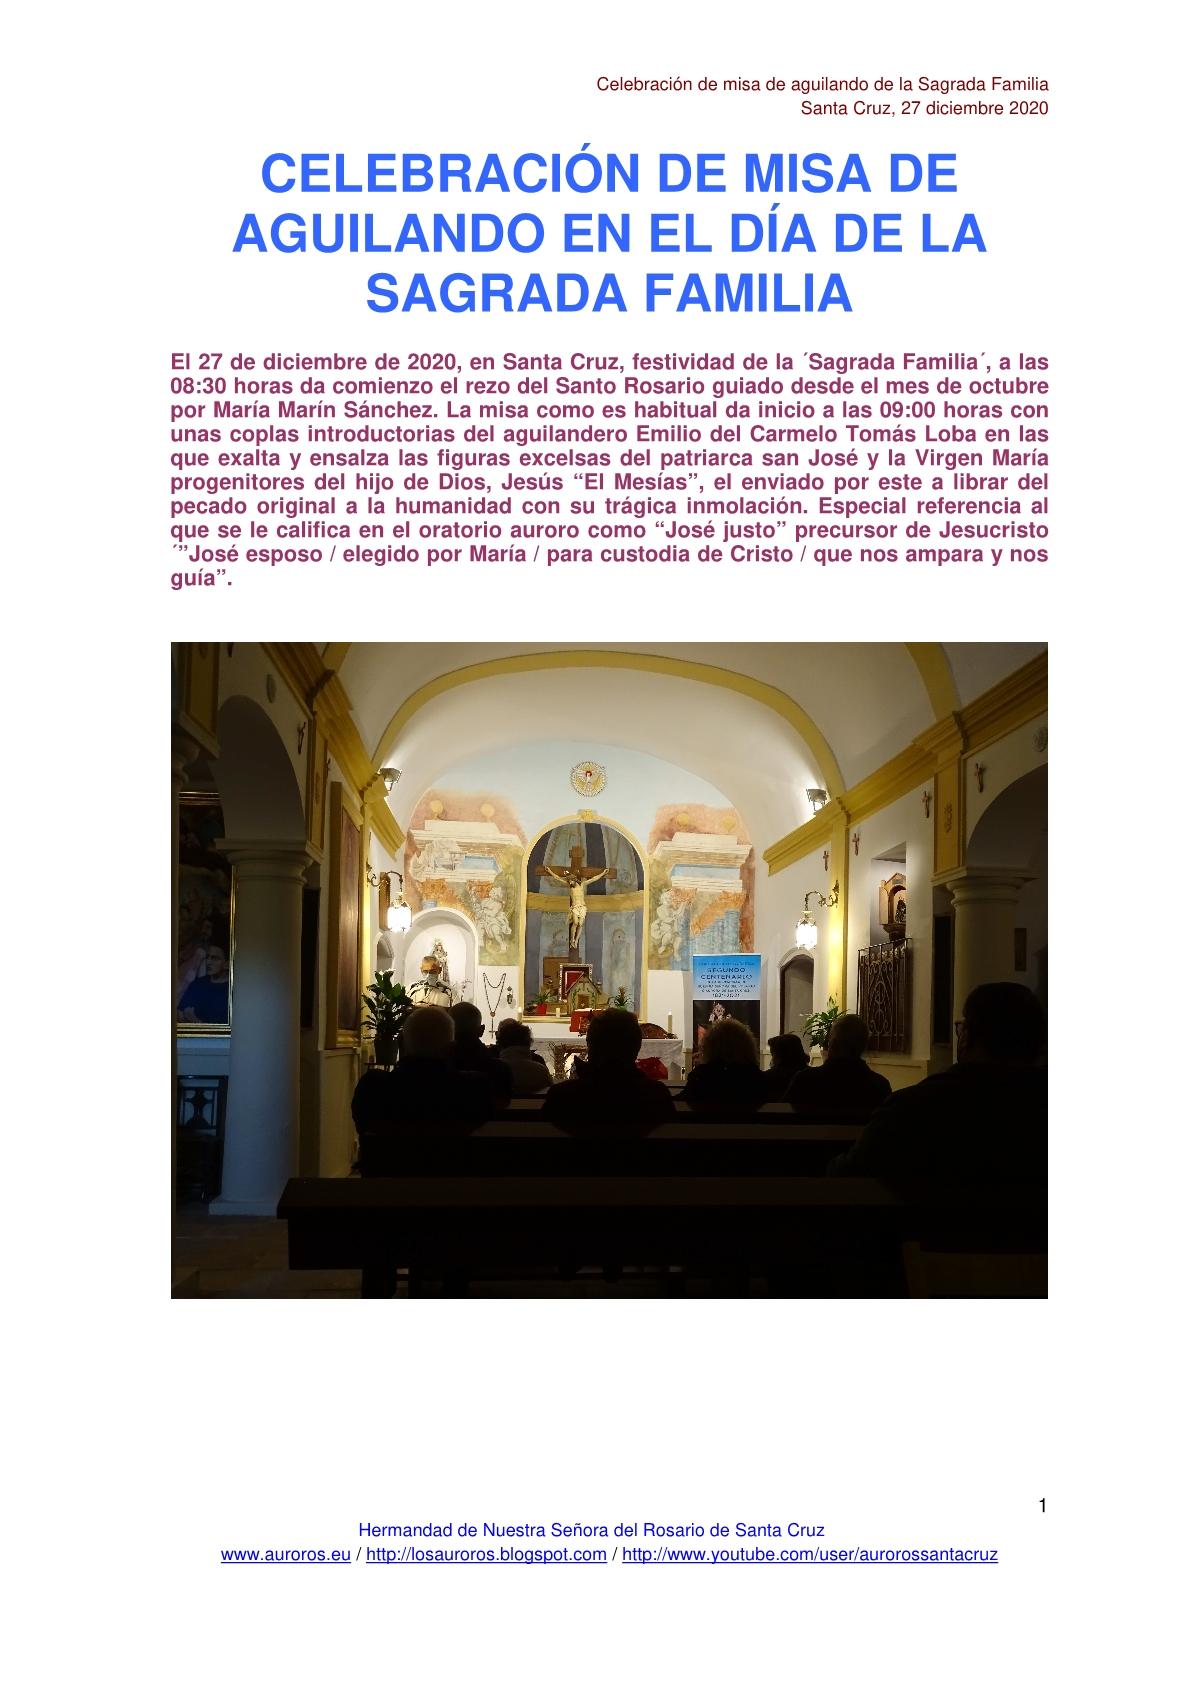 MISA DE AGUILANDO EN LA FESTIVIDAD DE LA SAGRADA FAMILIA